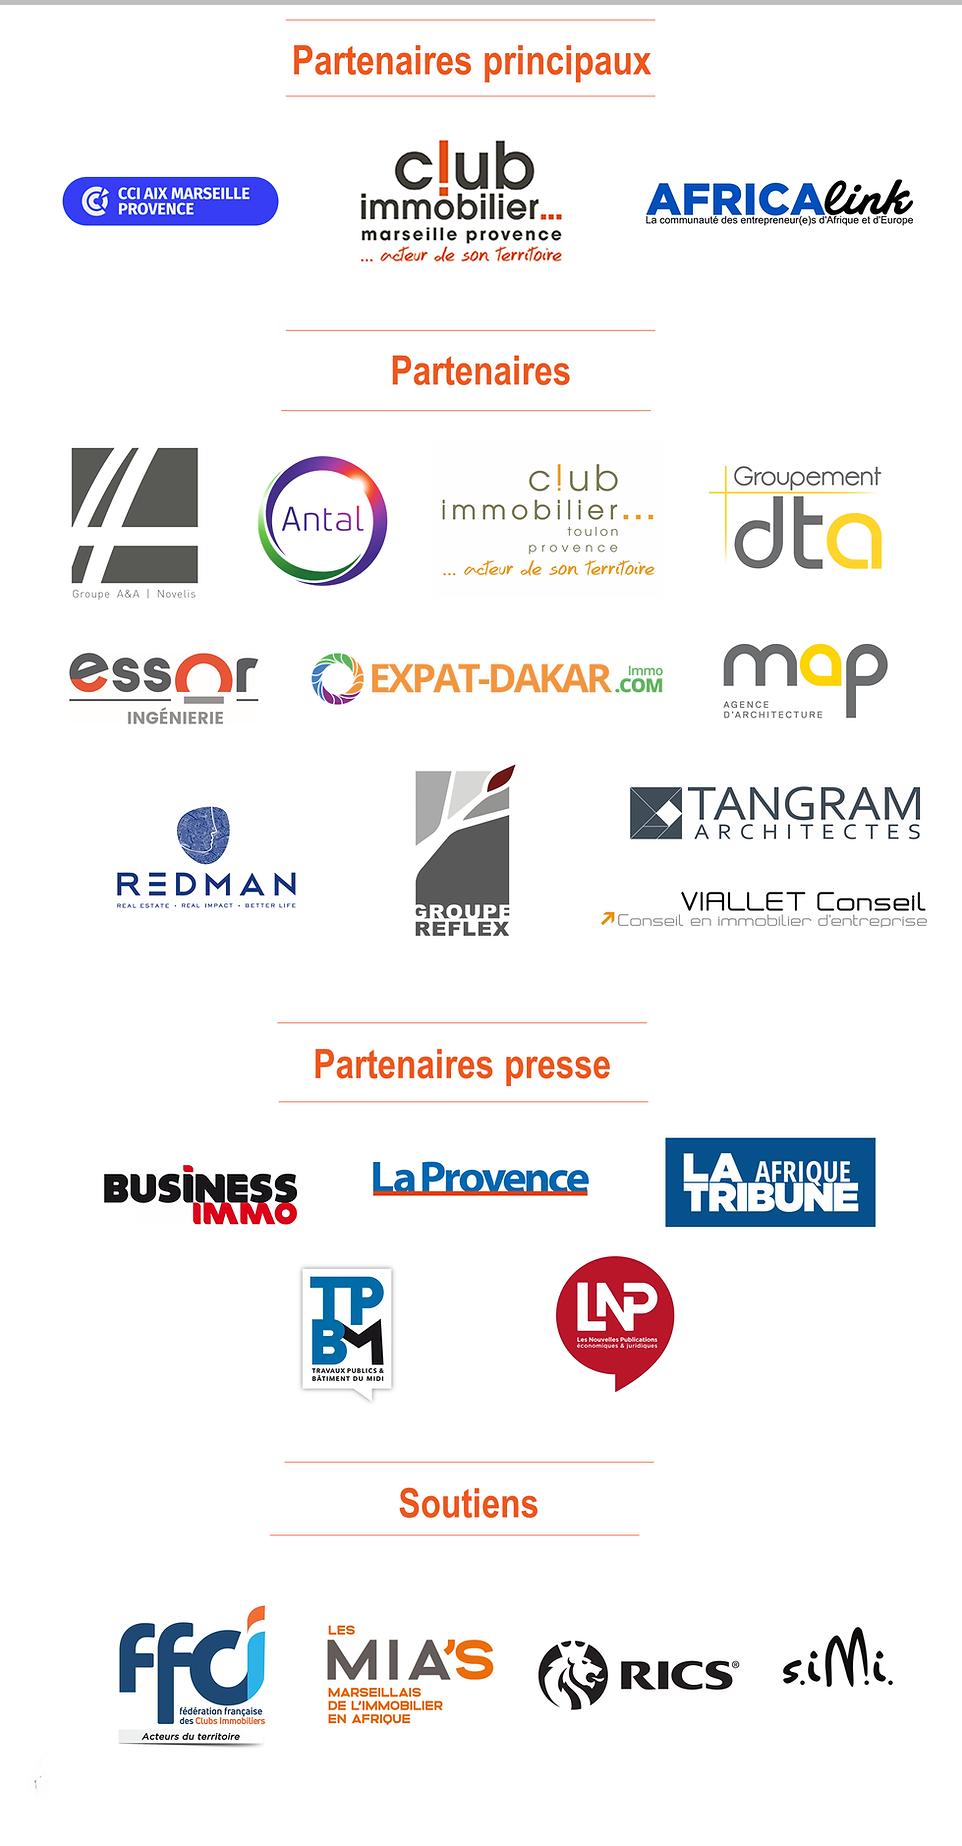 visuel partenaires logos 3.png